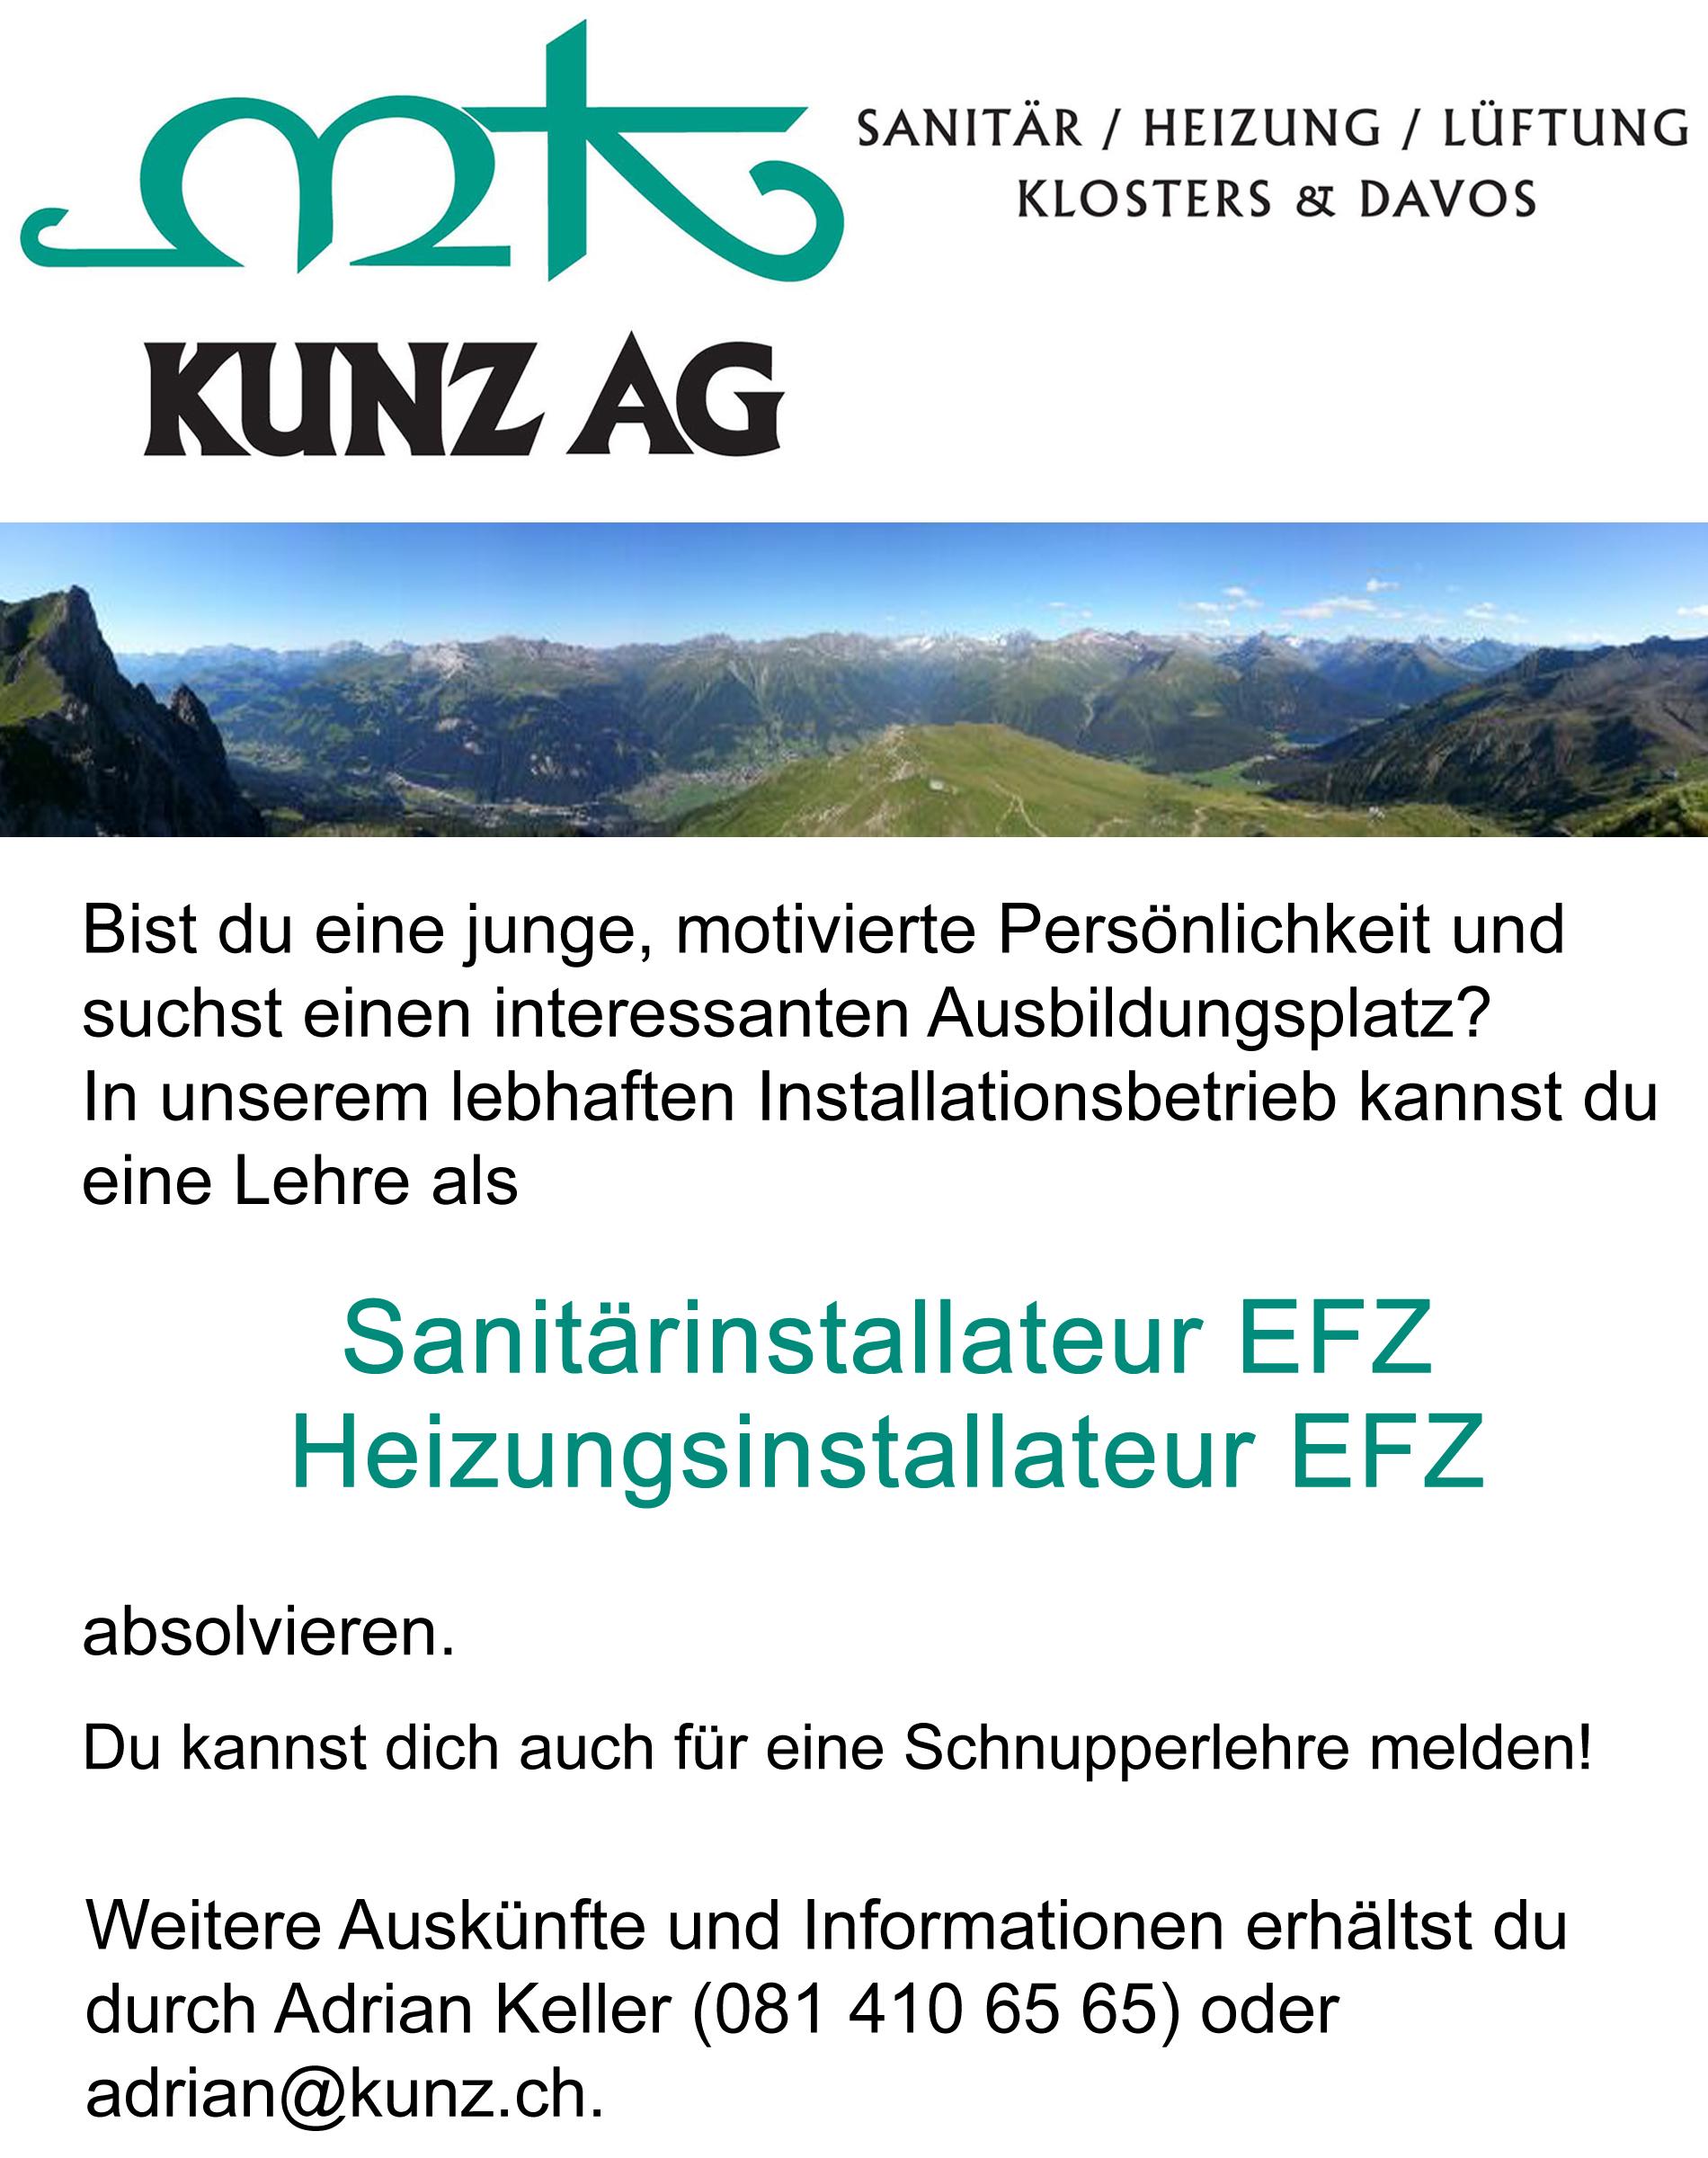 Lehrstelle Sanit�rinstallateur/in EFZ oder Heizungsinstallateur/in EFZ